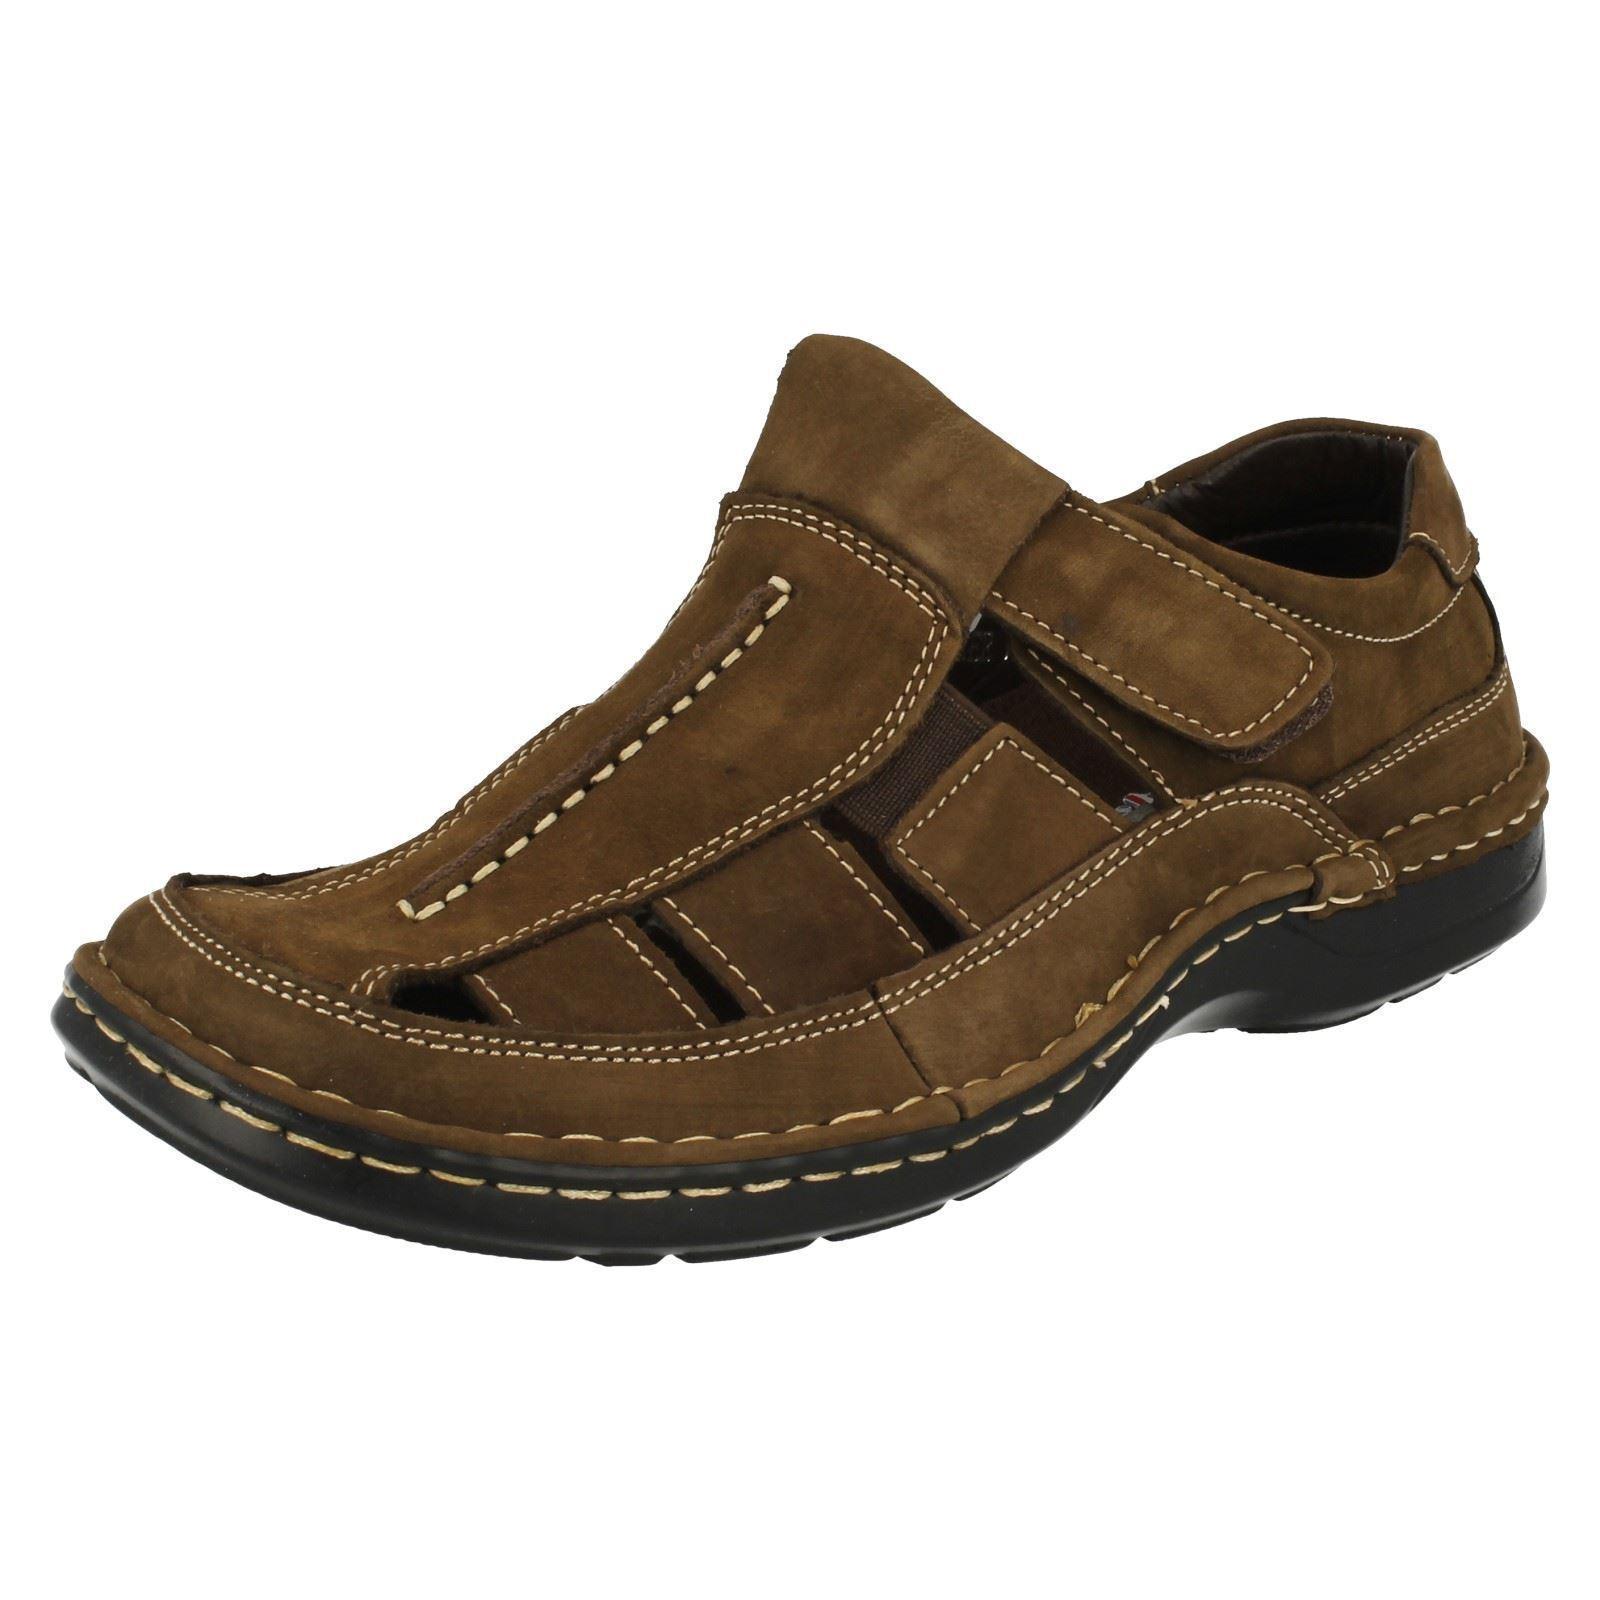 Para Hombre Padders Breaker Cuero Marrón Oscuro y Zapatos Sandalias Informales F y Oscuro G Accesorios 78aed8